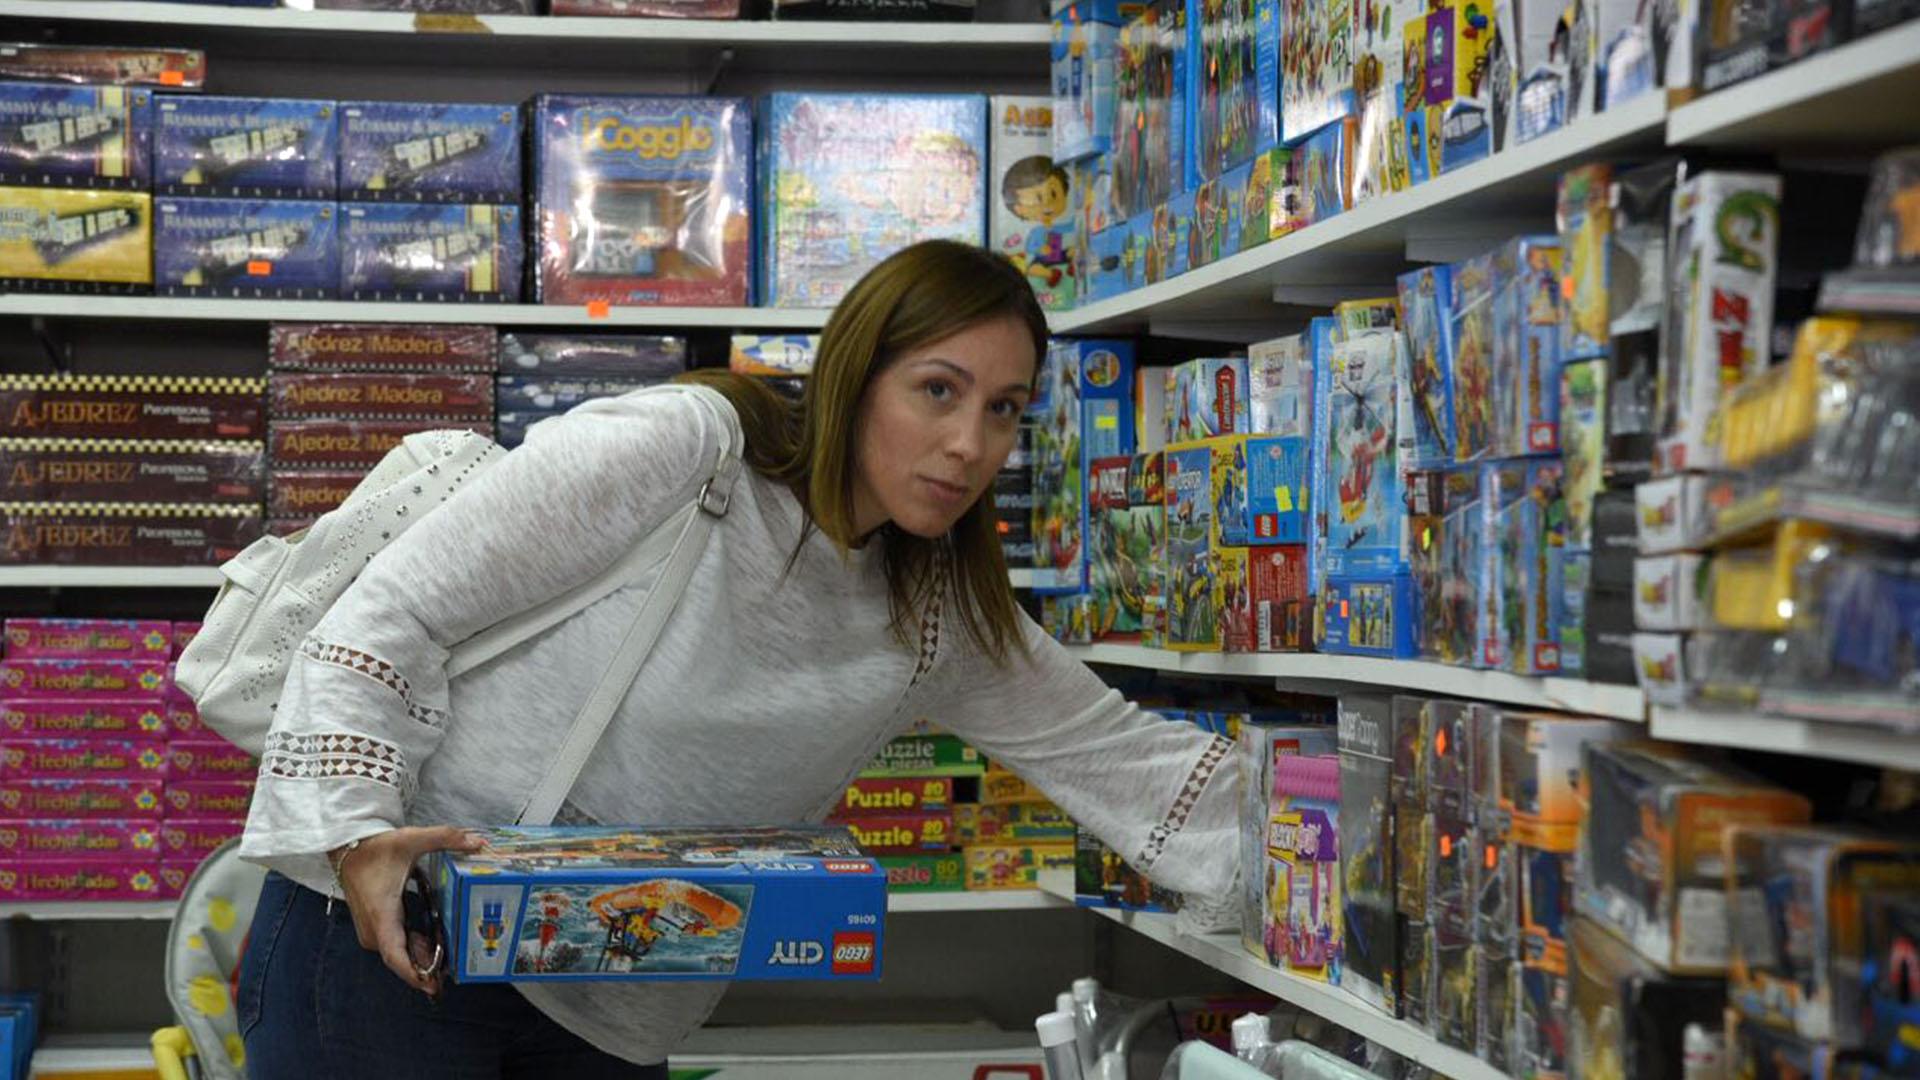 (Diego Medina) El miércoles estuvo en Pinamar y bajó a comprar juguetes para Reyes.